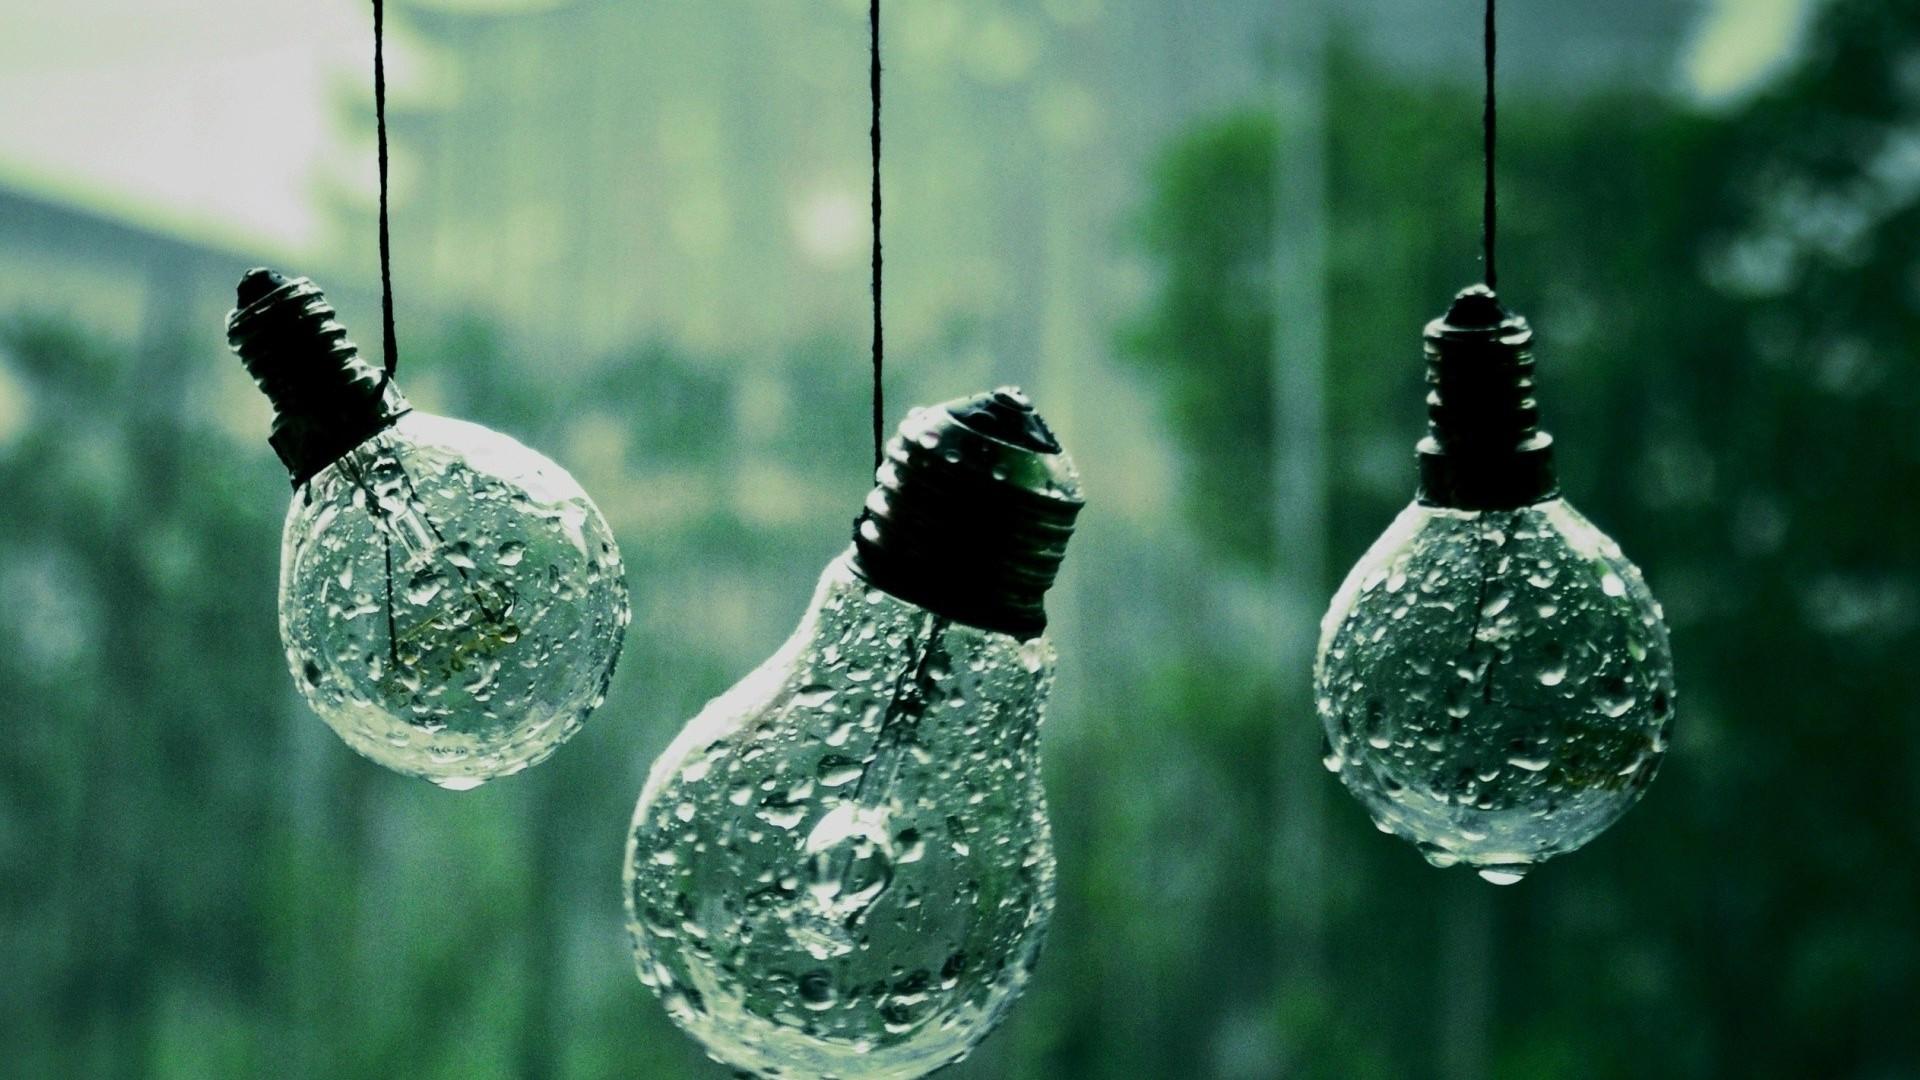 Wet Light Bulbs Photography Hd Wallpaper 19201080 2772jpg